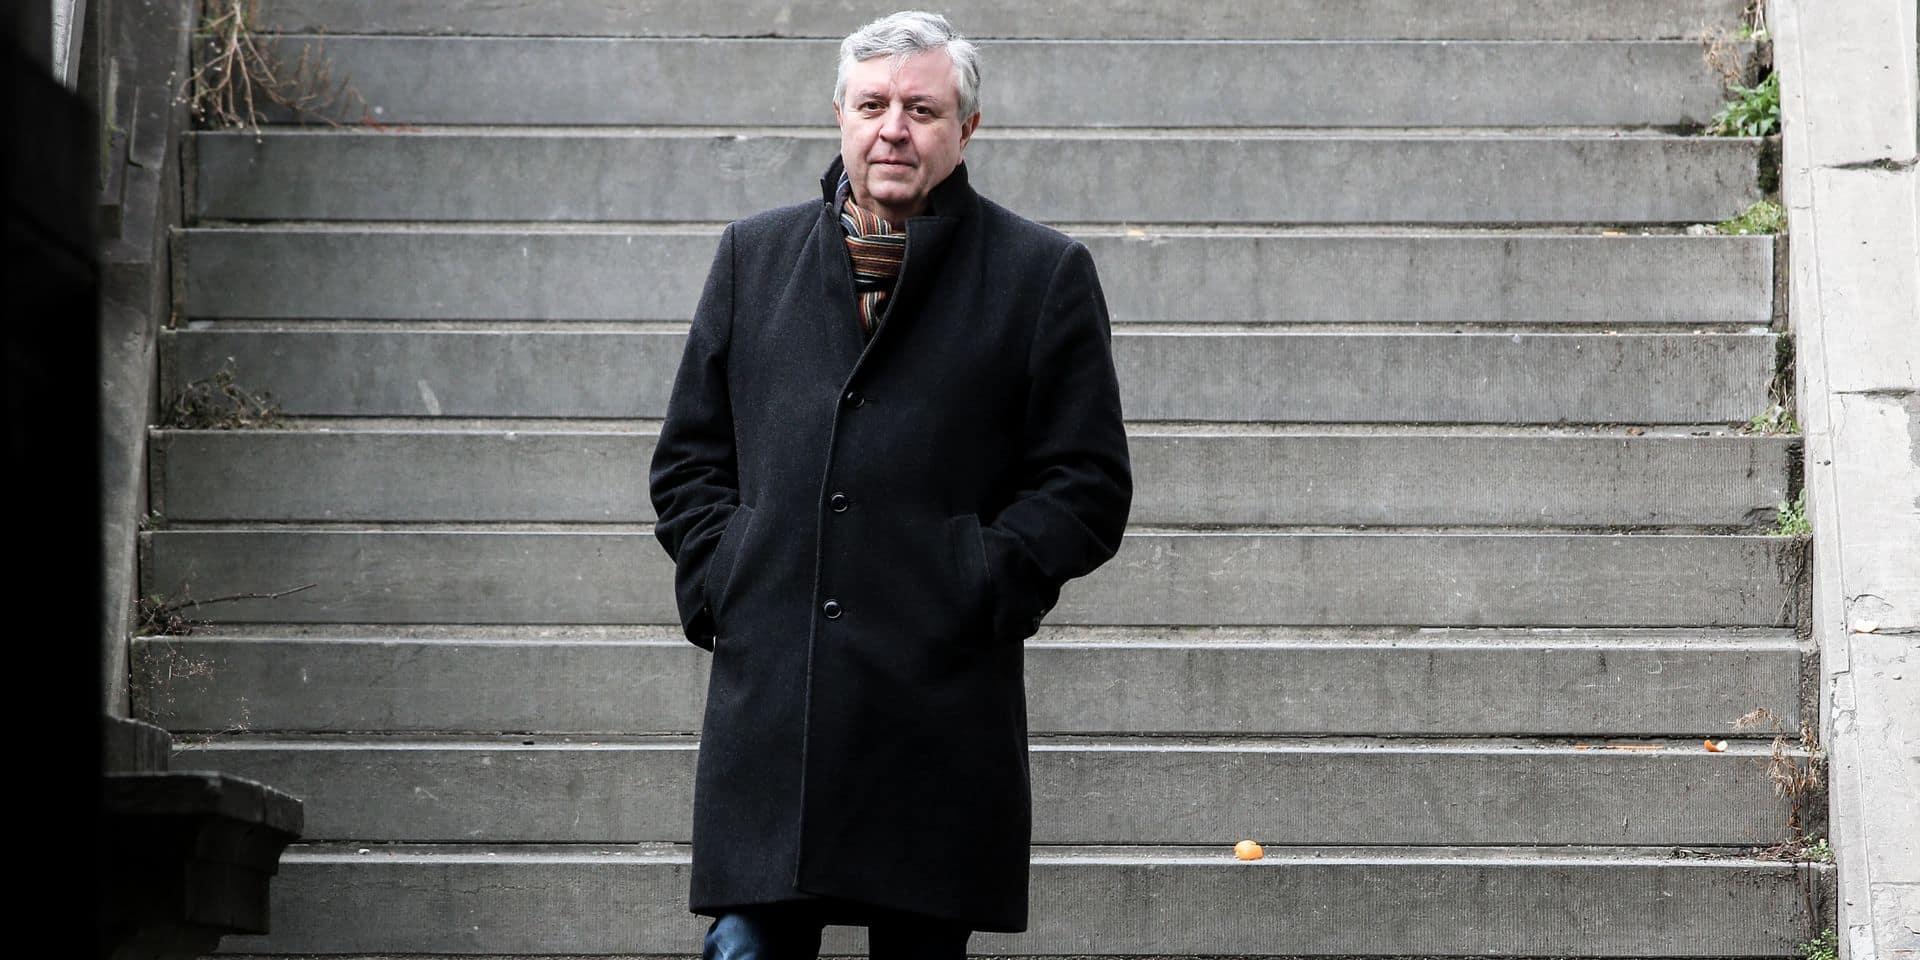 """Le juge Michel Claise reçoit le Prix des lycéens de Littérature pour son roman """"Cobre"""""""